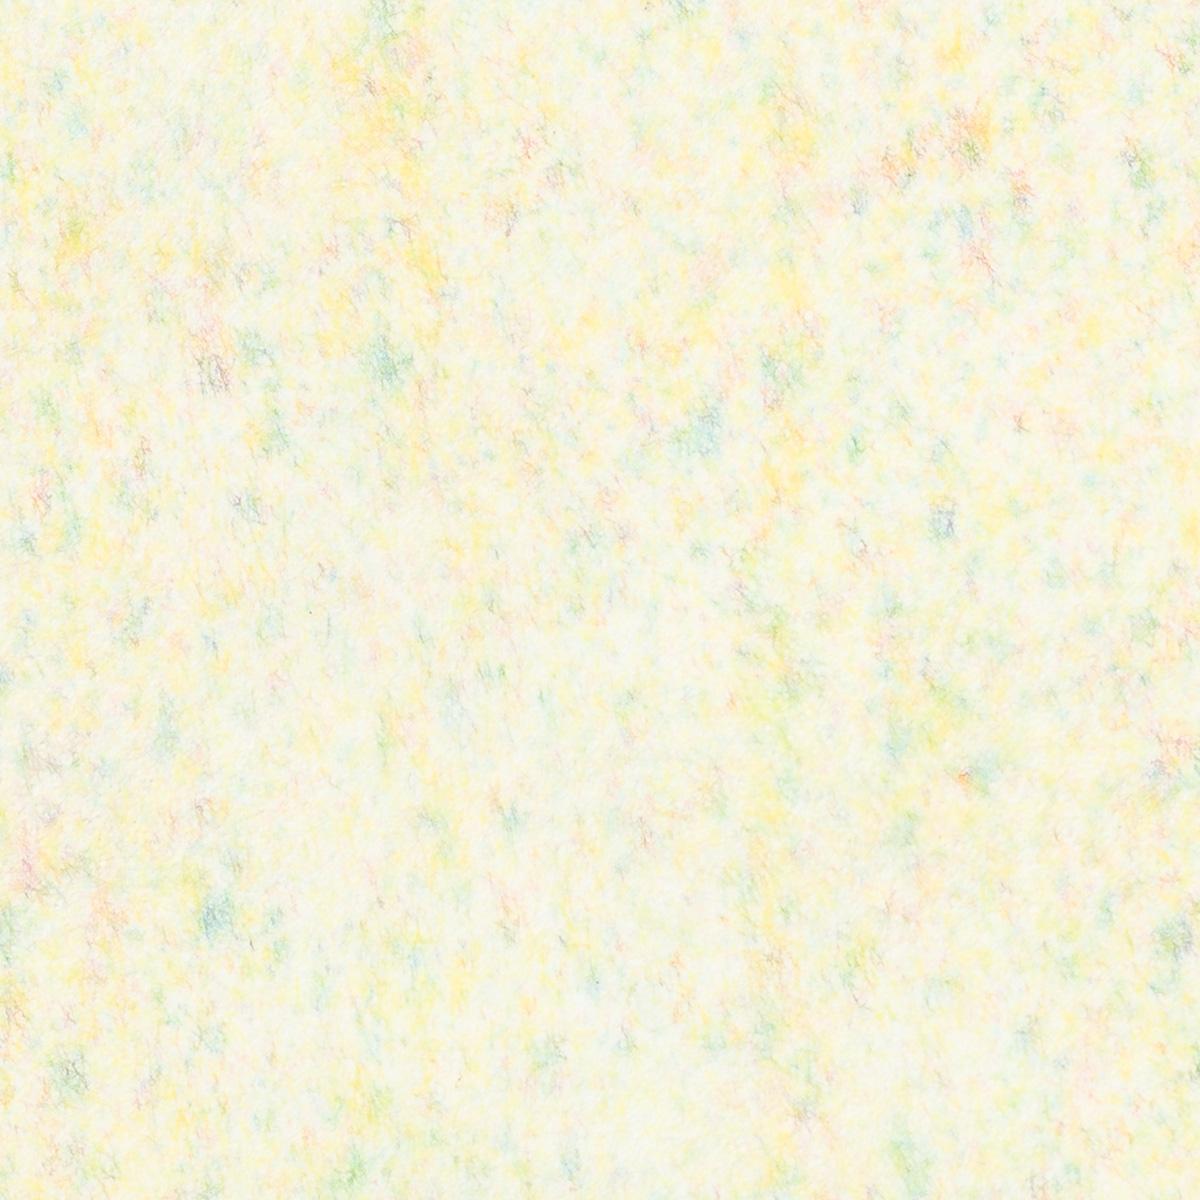 典具帖紙 ふぶき染 No.8